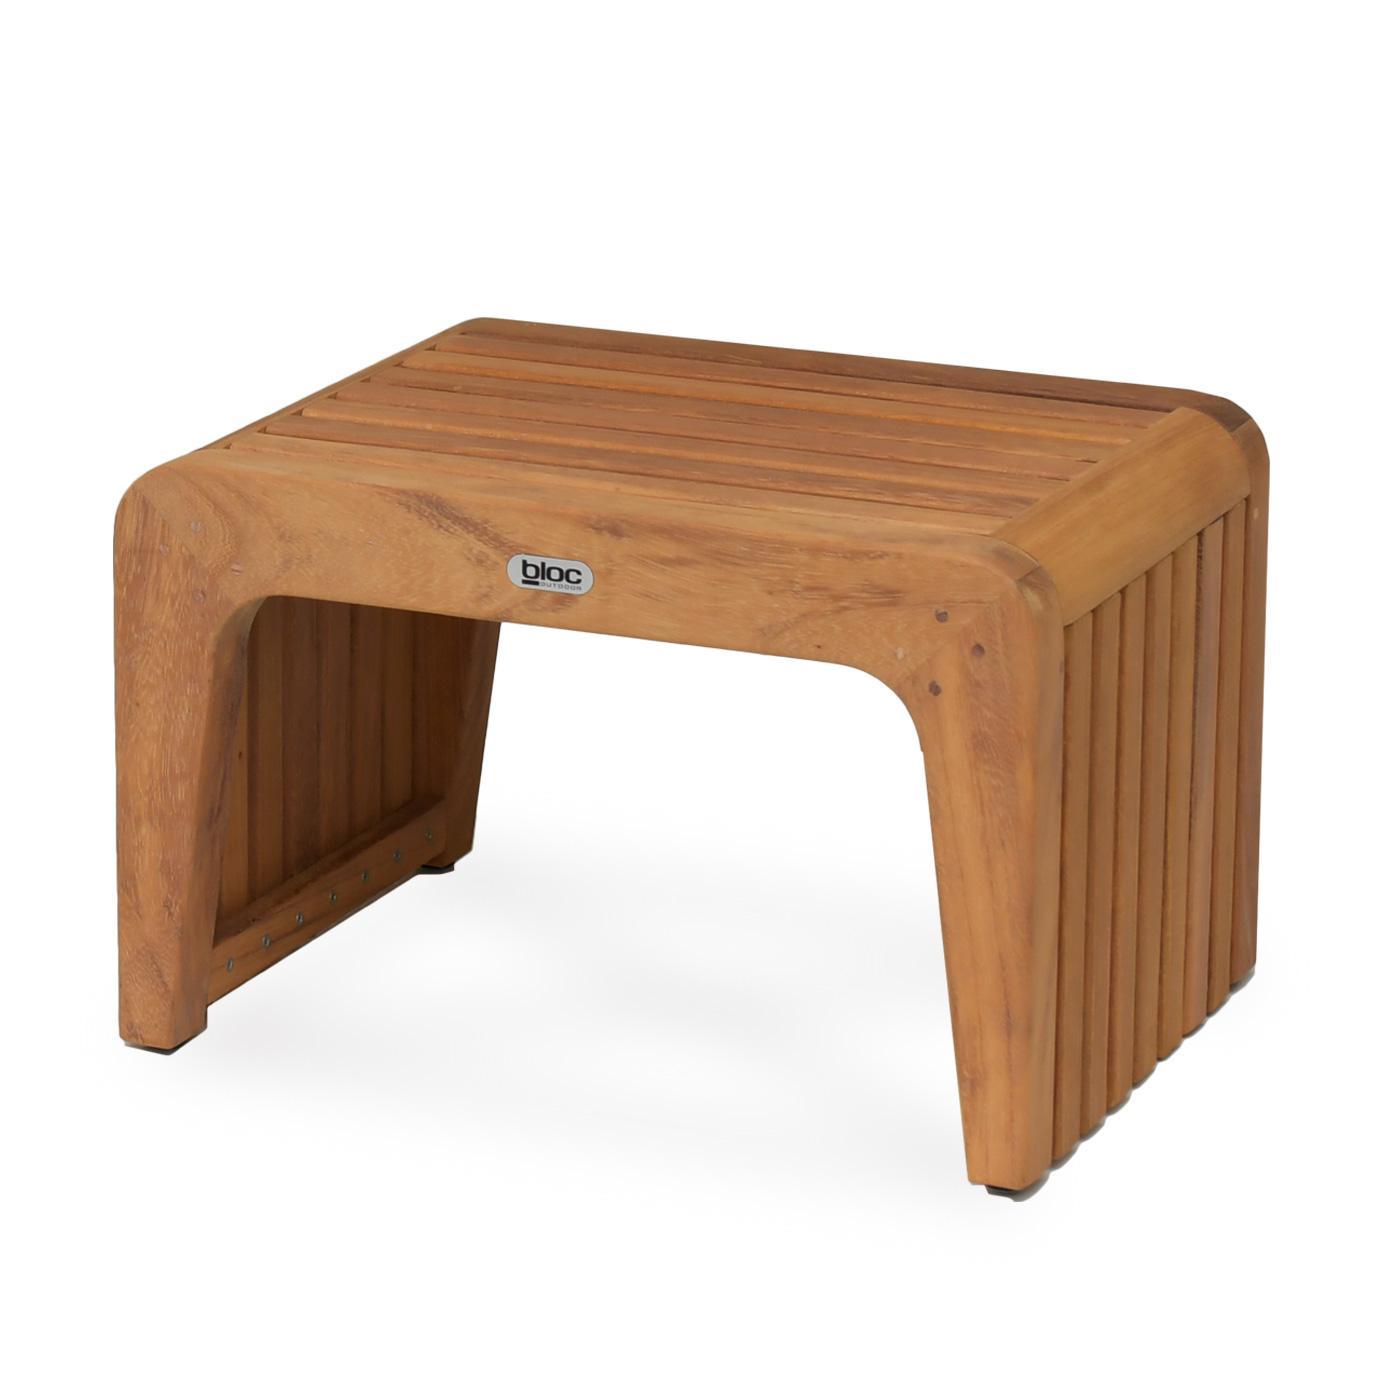 serengeti-side-table